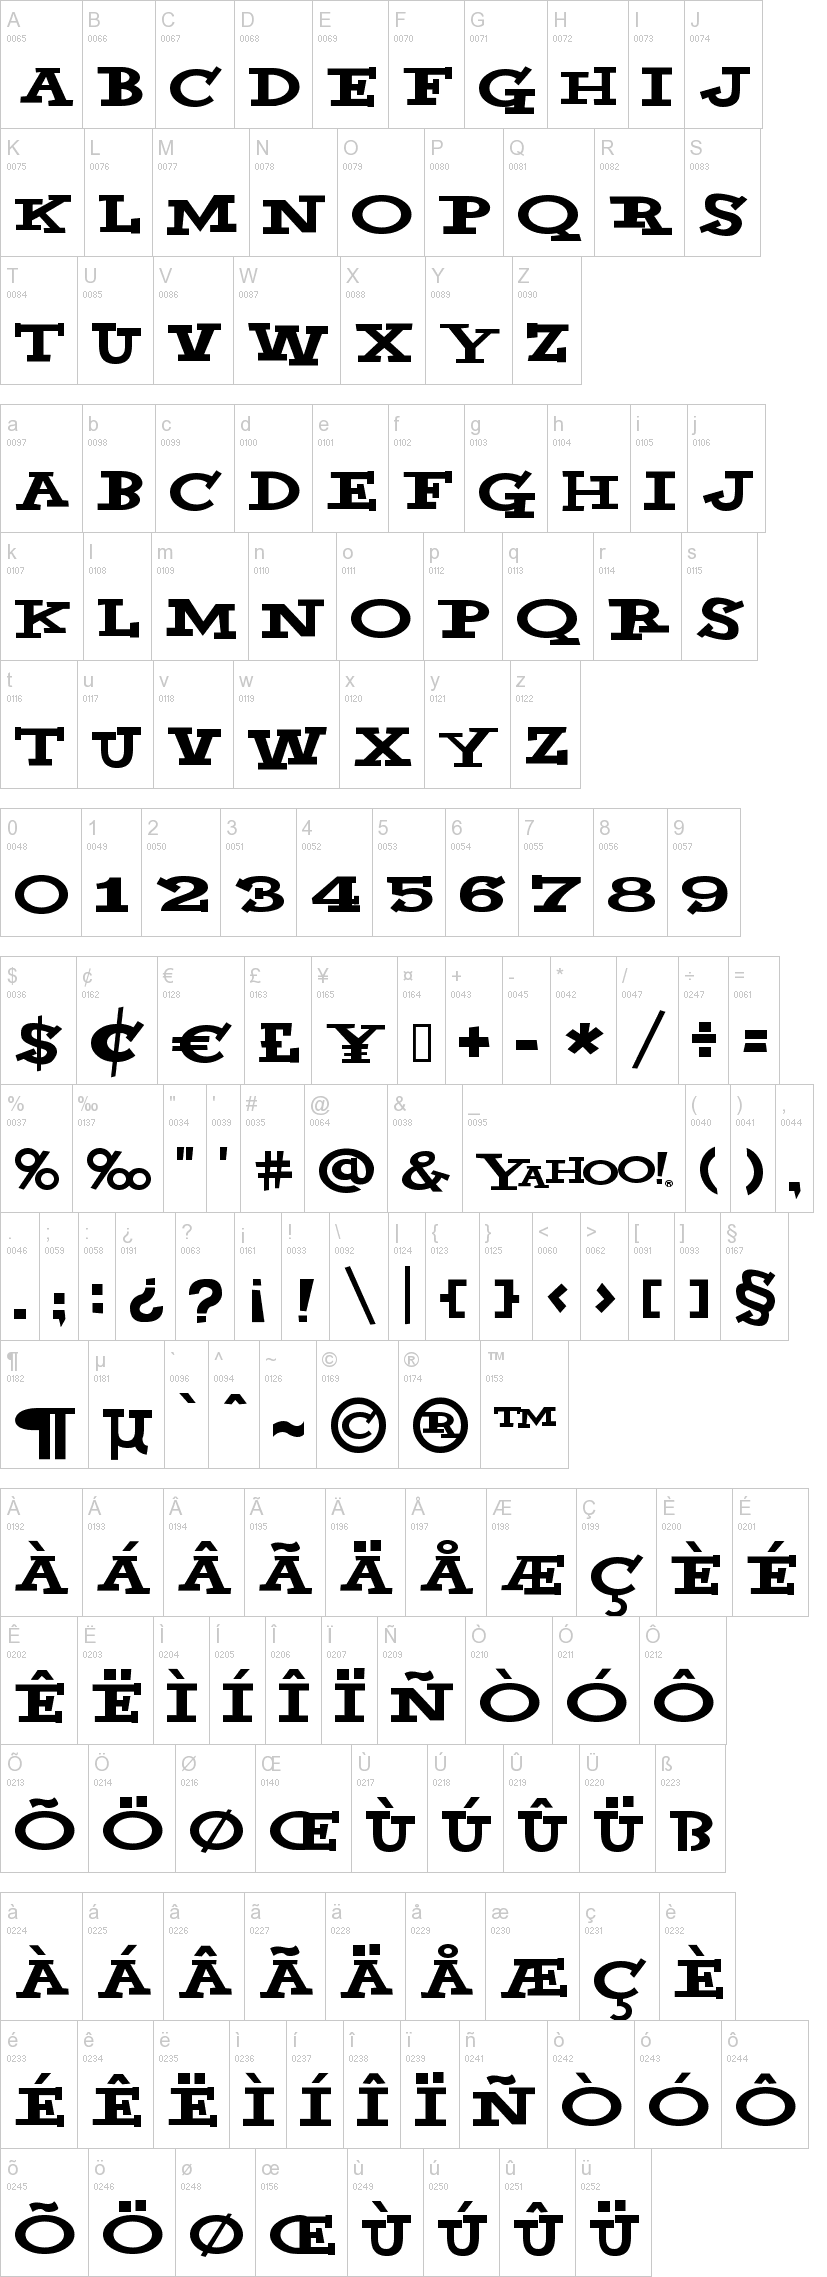 Yahoo Font Dafont Com